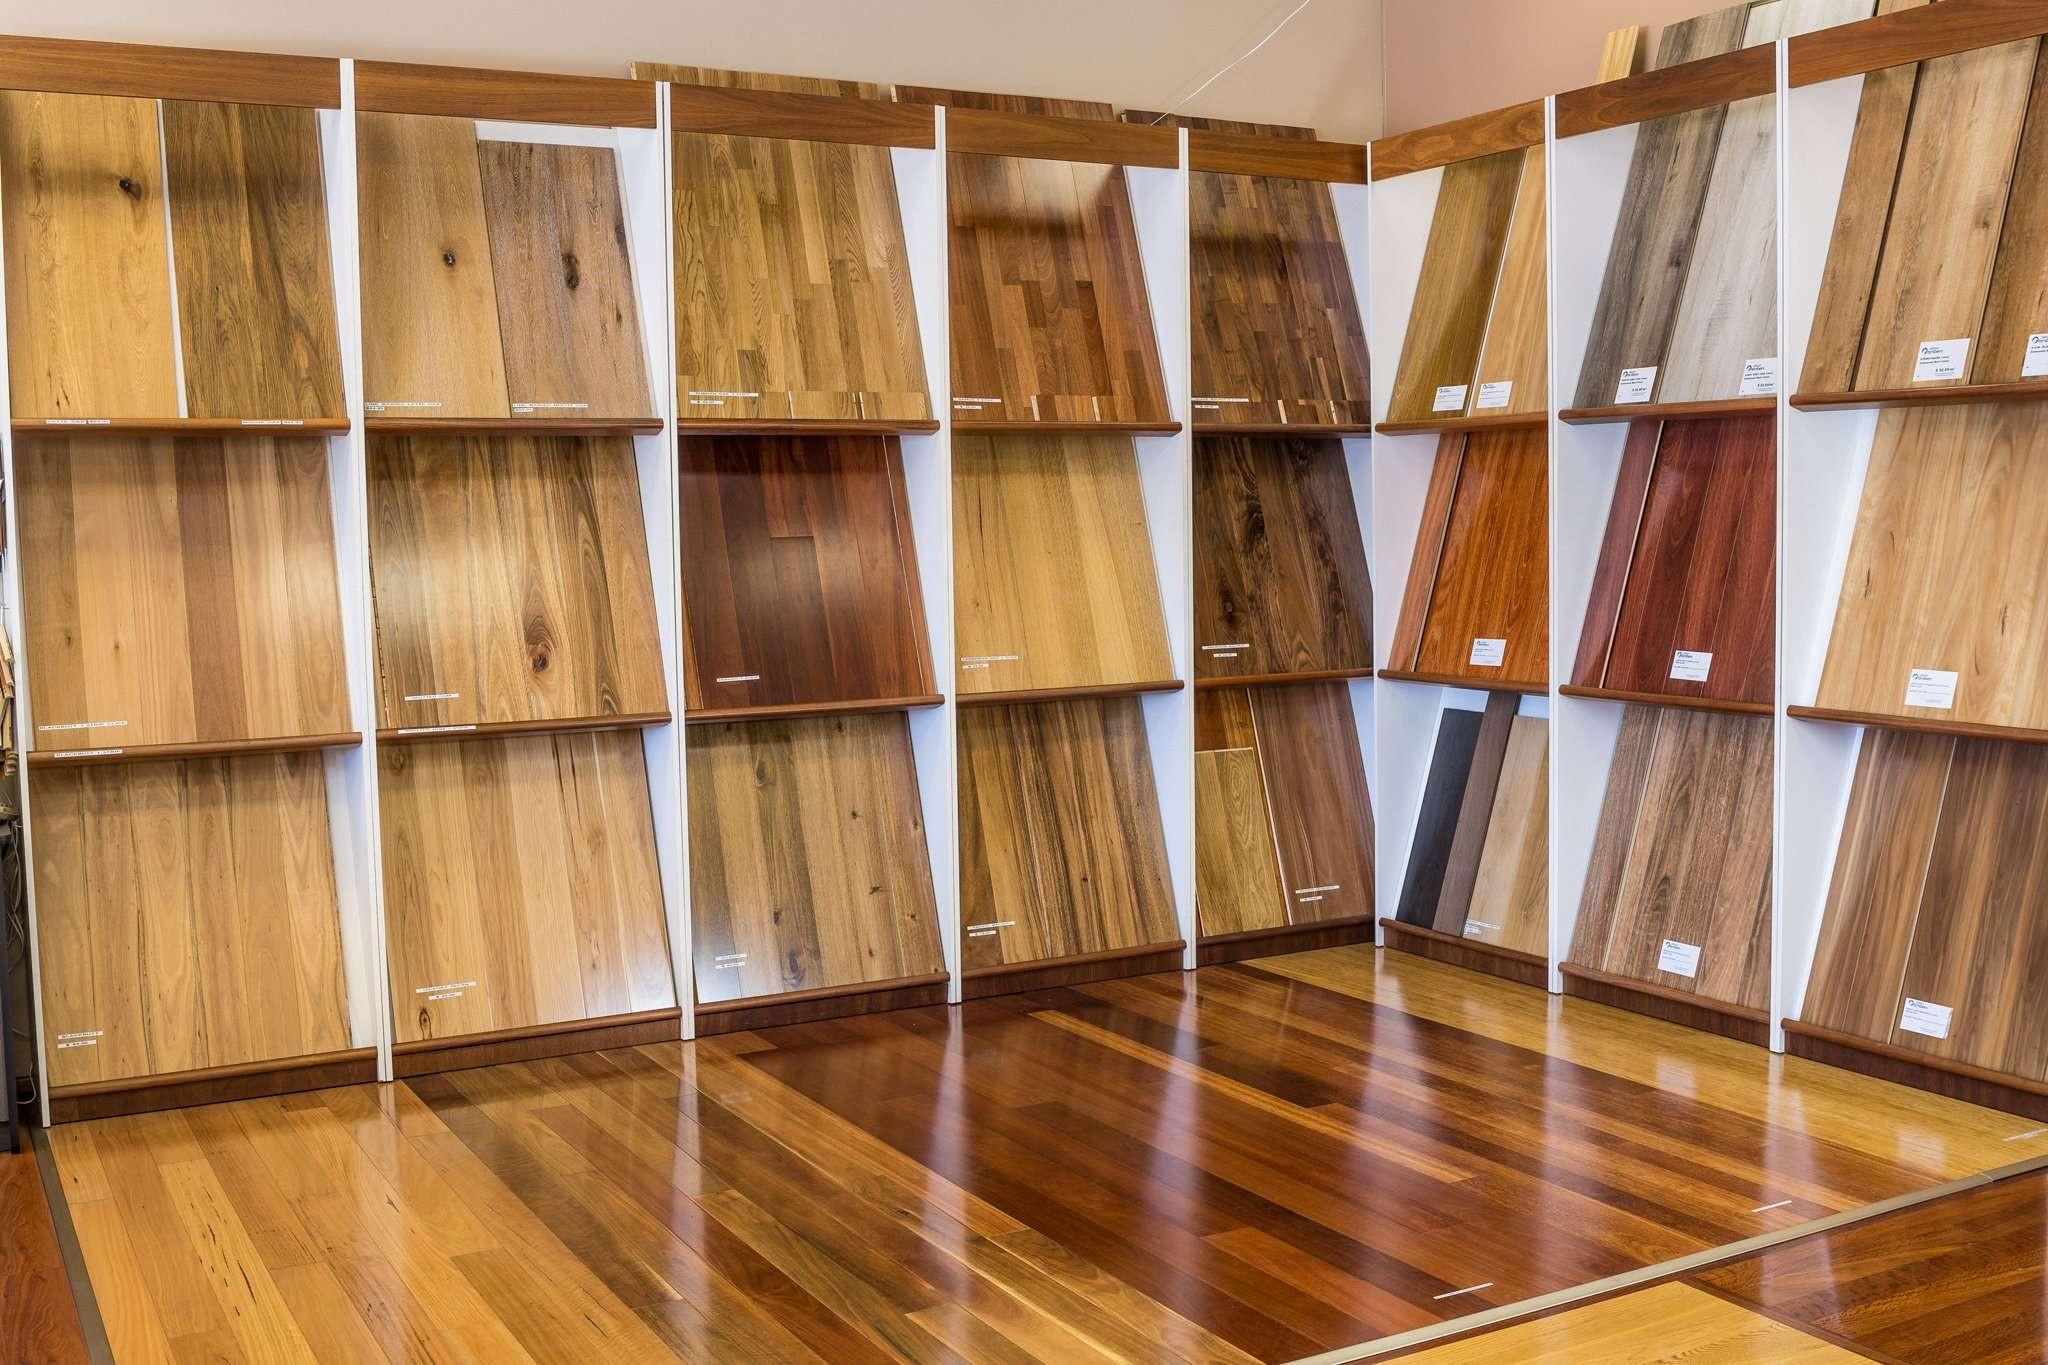 bamboo vs engineered hardwood flooring of wood floor price lists a1 wood floors inside 12mm laminate on sale 28 00 ma²